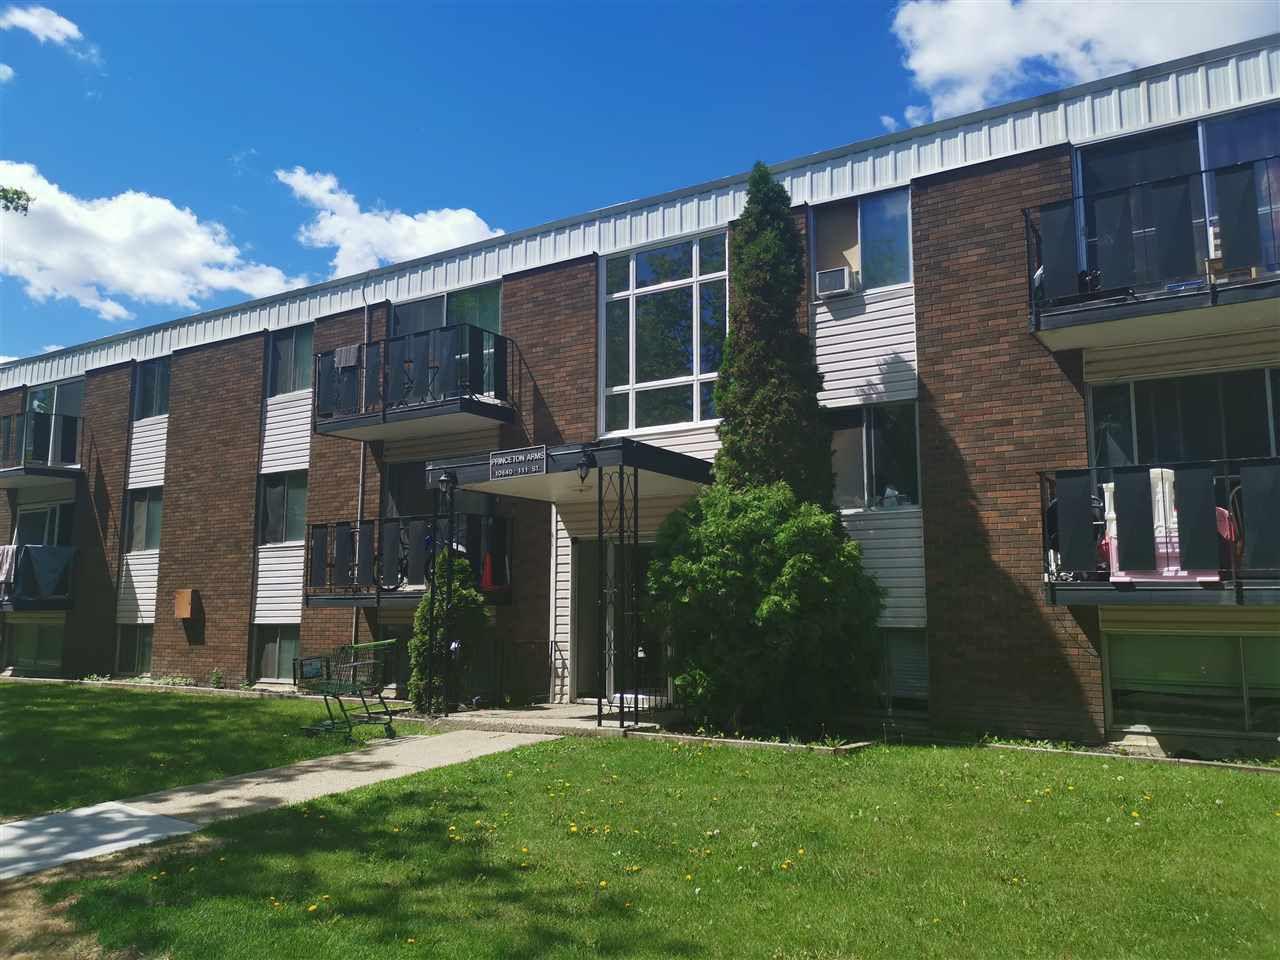 Main Photo: 4 10640 111 Street in Edmonton: Zone 08 Condo for sale : MLS®# E4161274